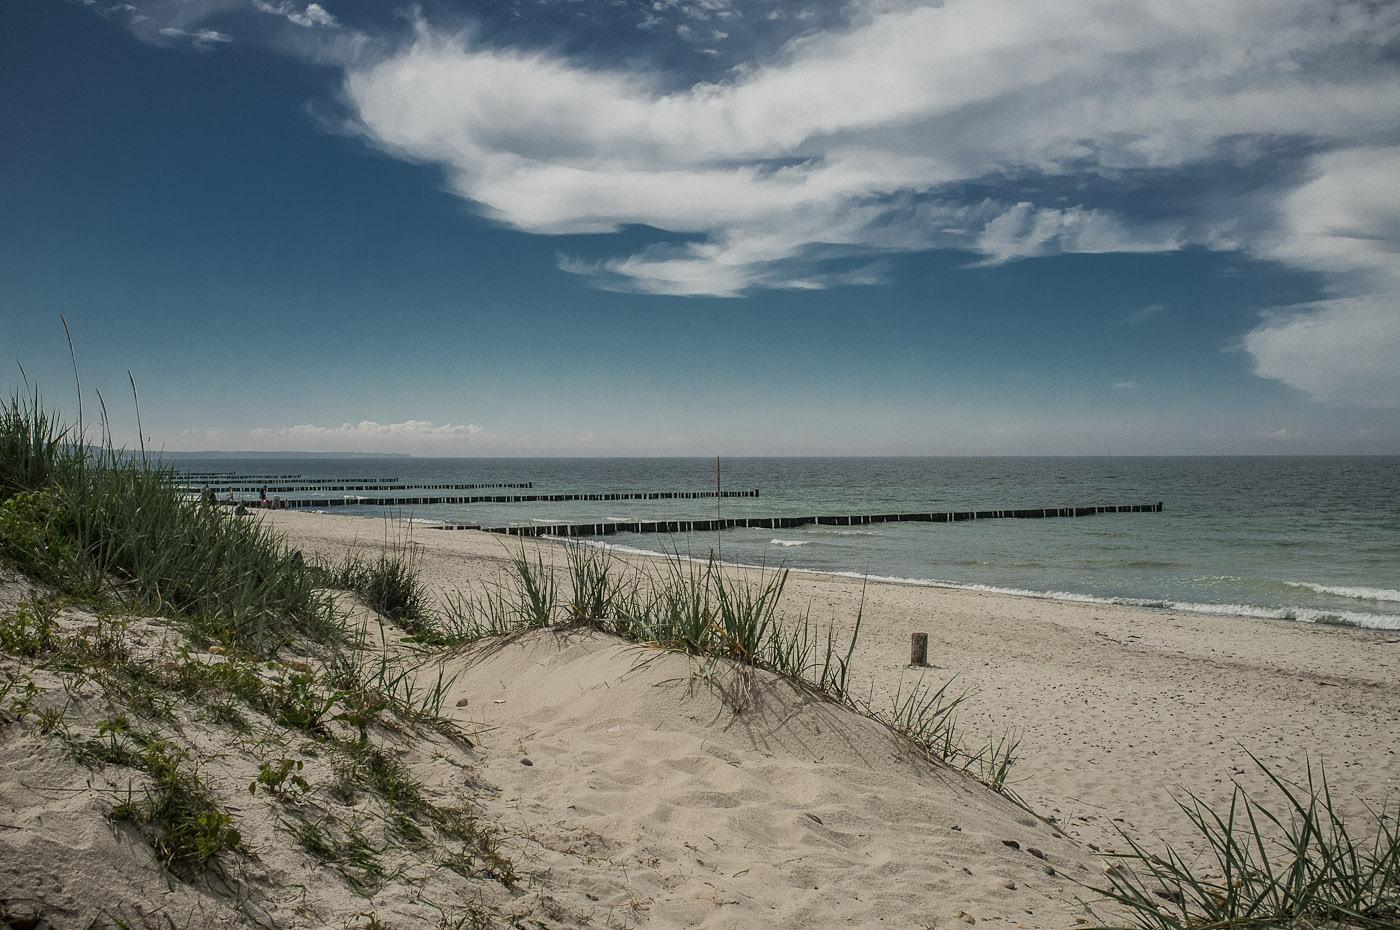 Speranze per le vacanze sulle spiagge del mar Baltico. Il Mecklenburg-Vorpommern apre ai turisti per Pentecoste. Tutto quello che c'è da sapere.